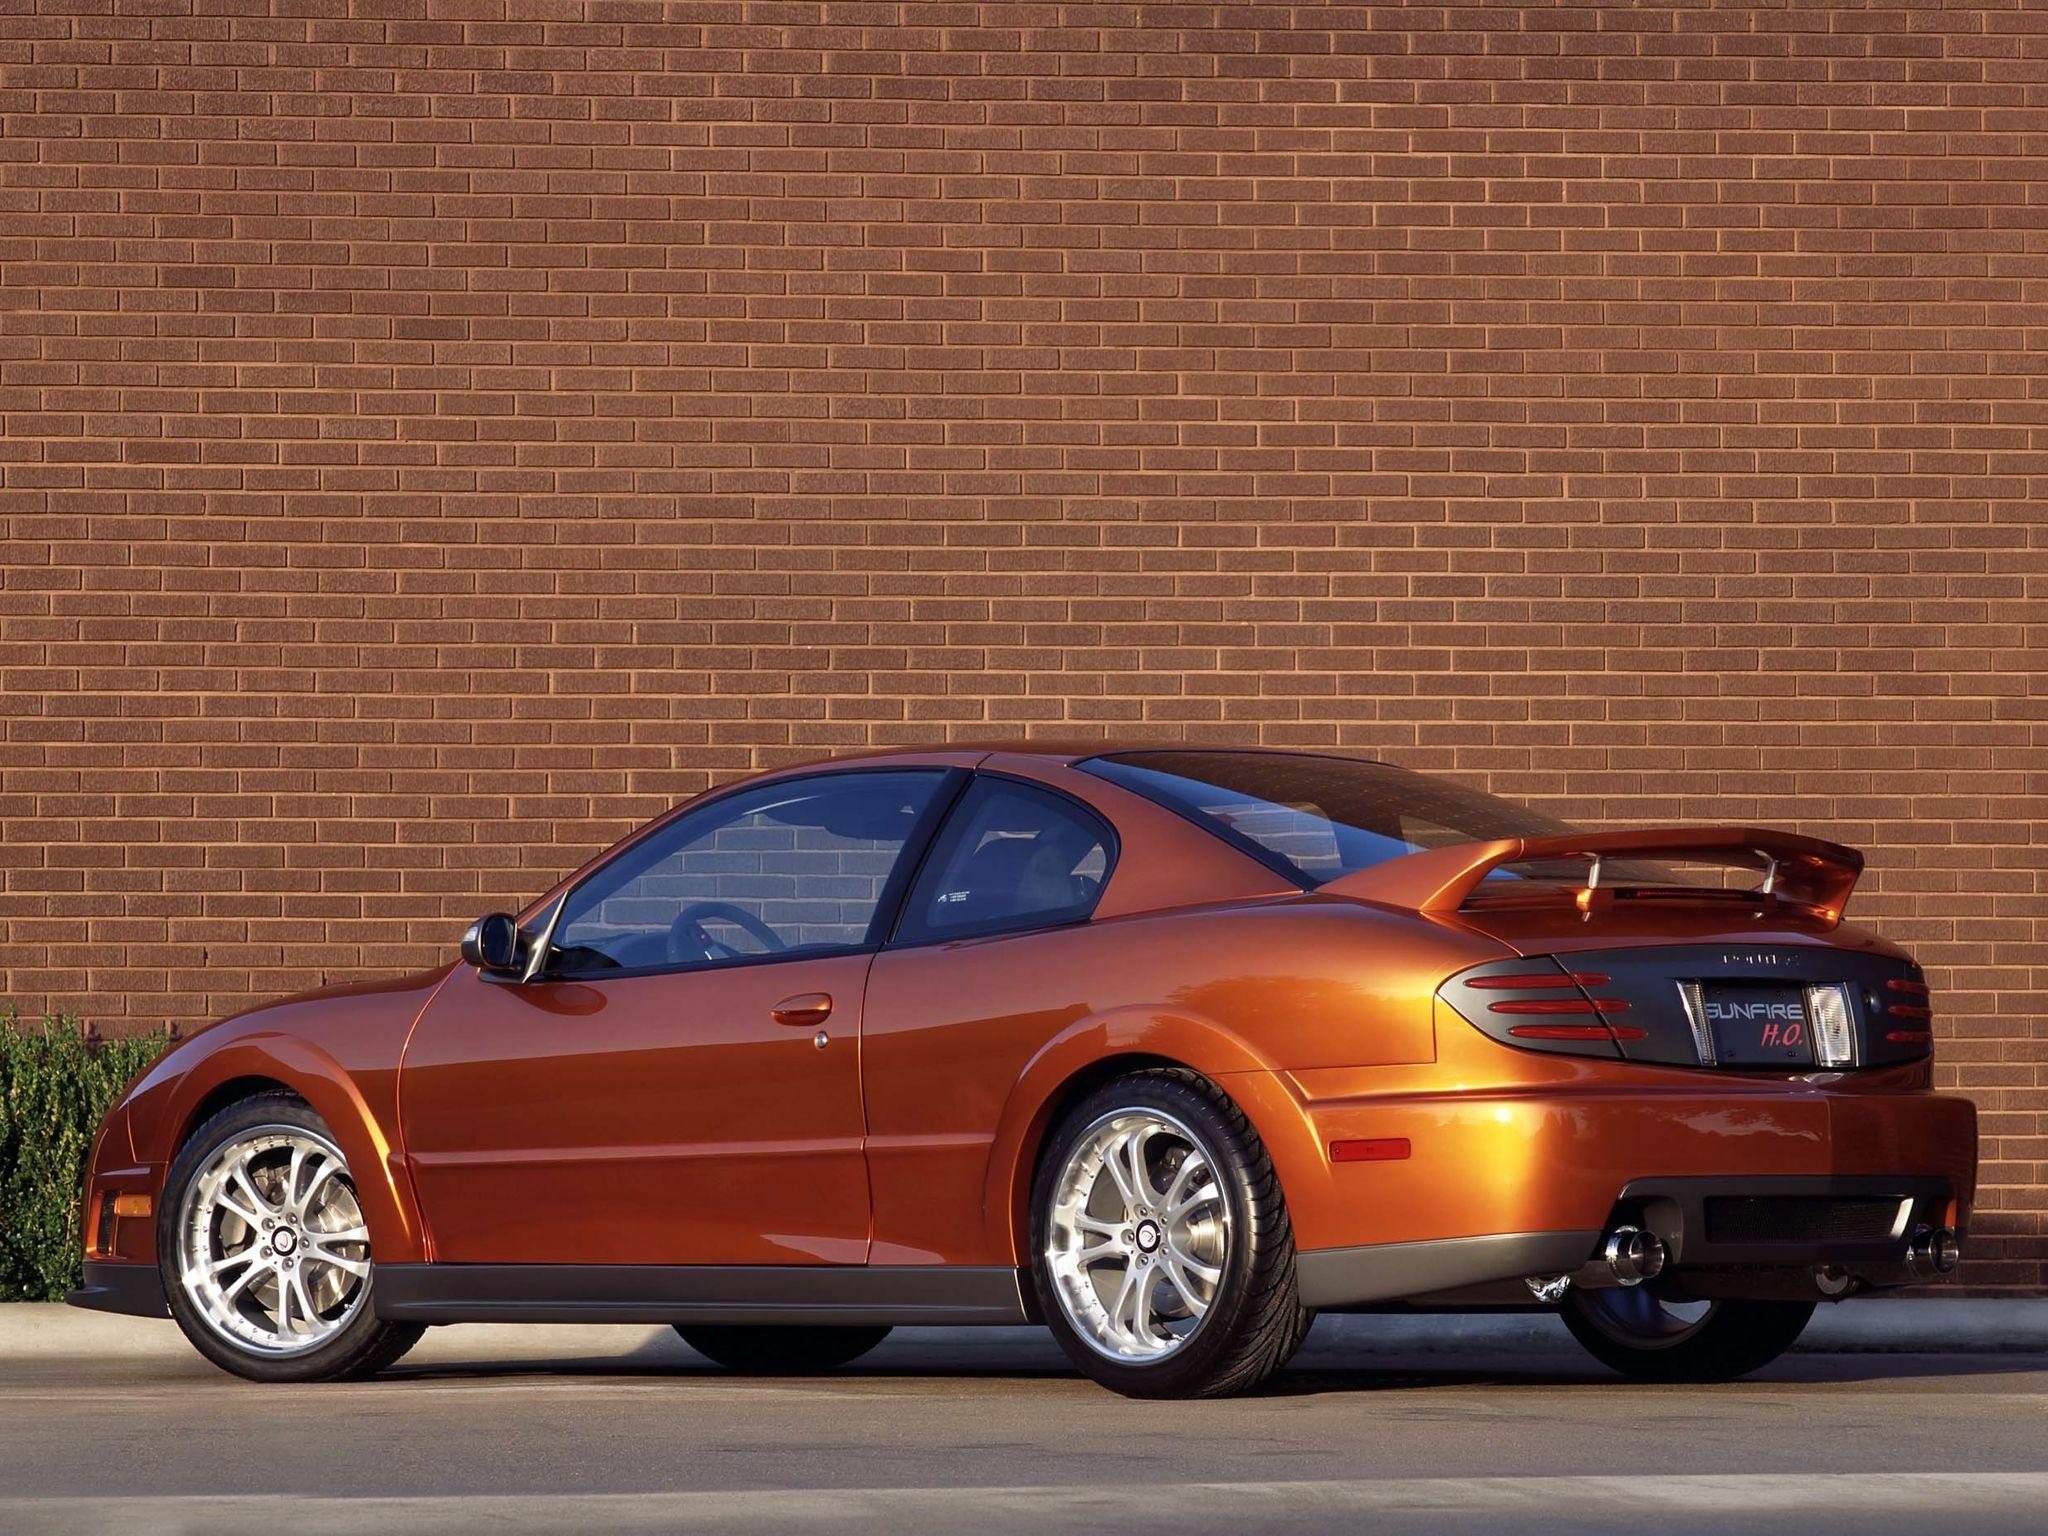 2001 Pontiac Sunfire Ho 2 4 Sema Car Pontiac Sunfire Pontiac Car